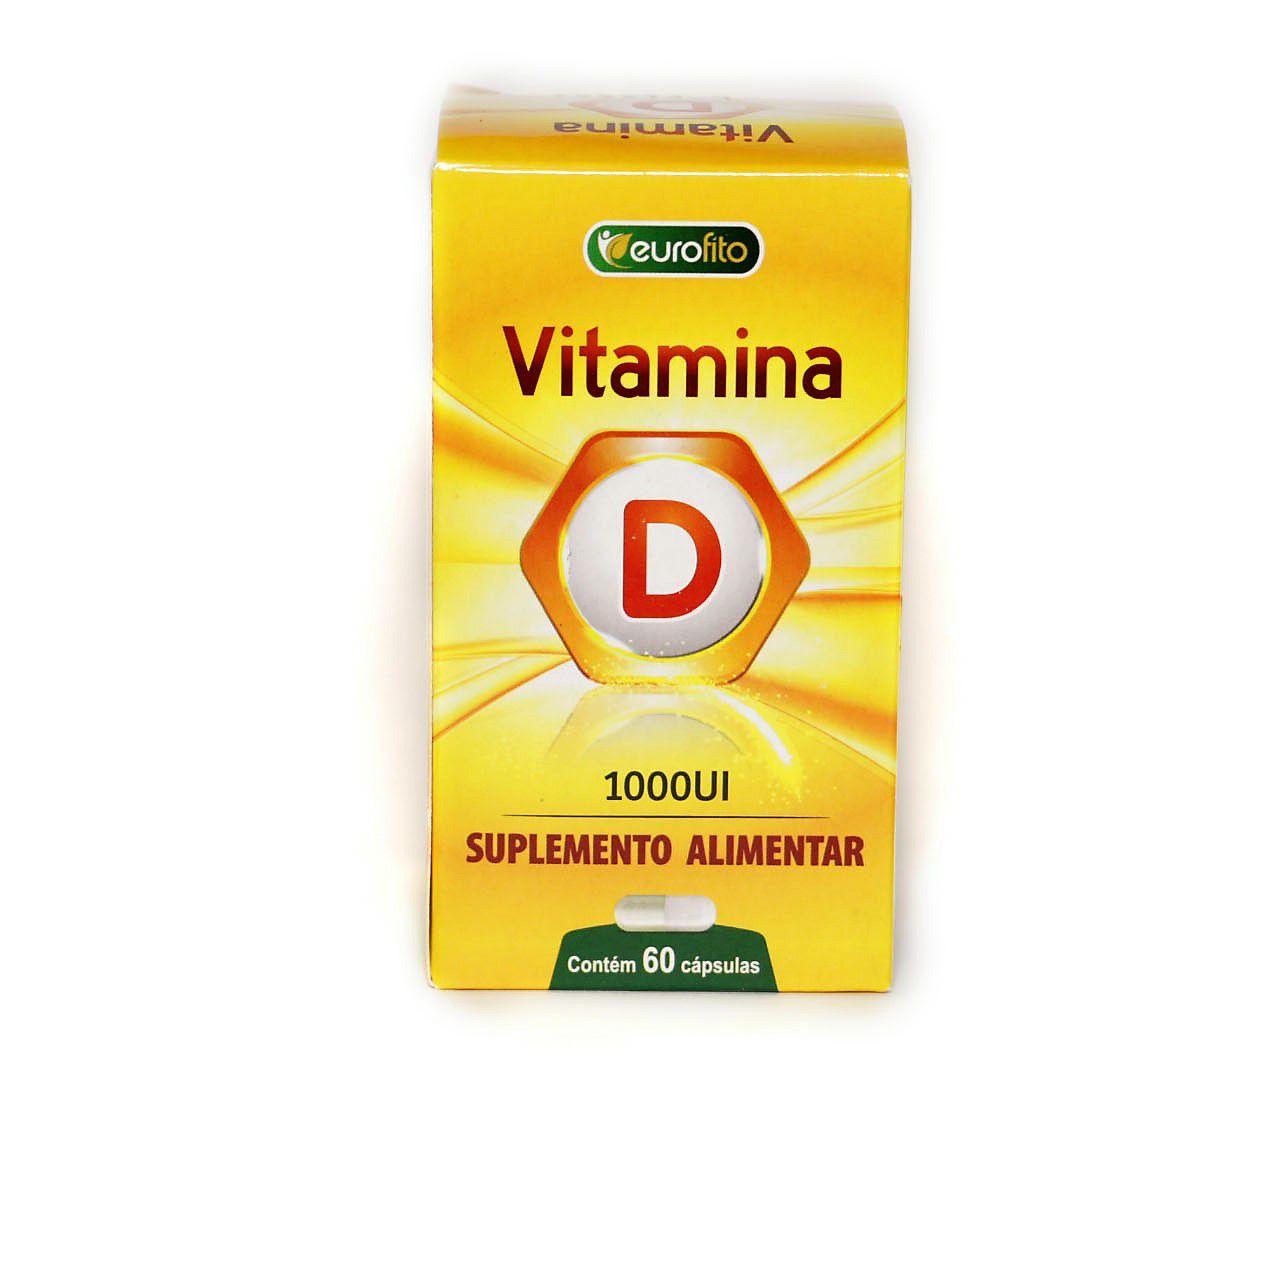 Vitamina D 1000ui - 60 cápsulas -  Eurofito